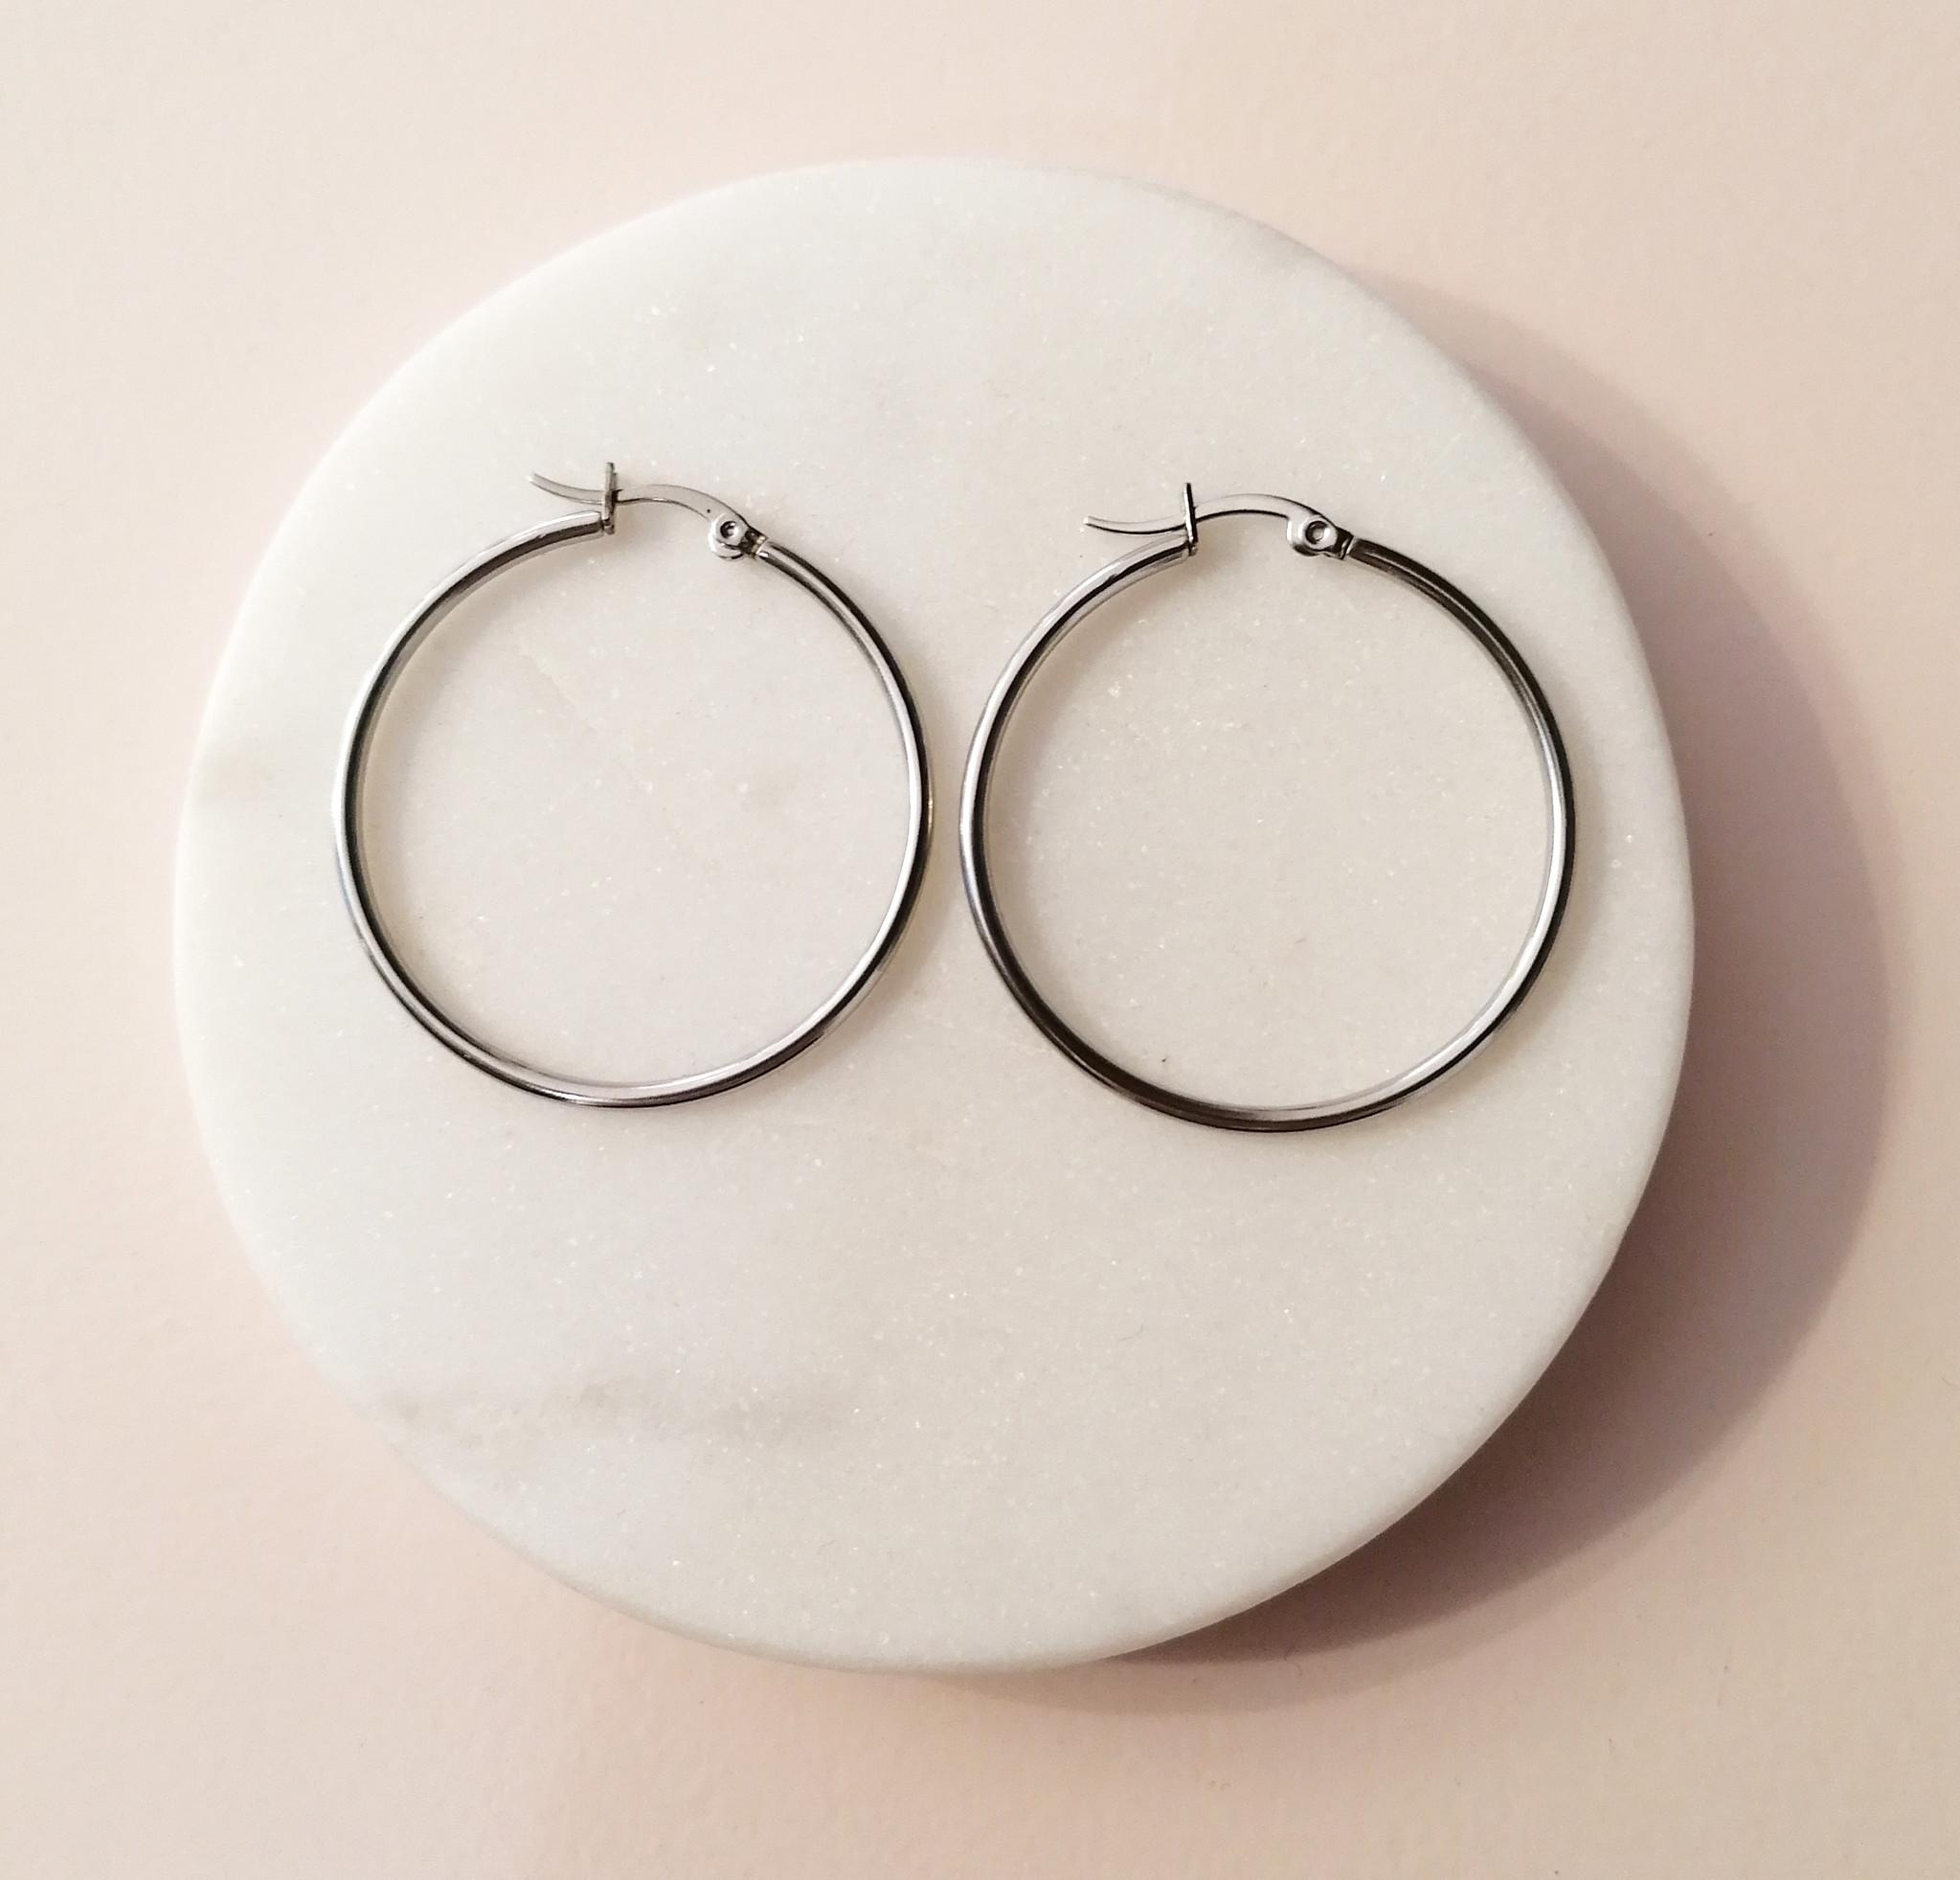 Große Creolen Ohrringe - Silber-2